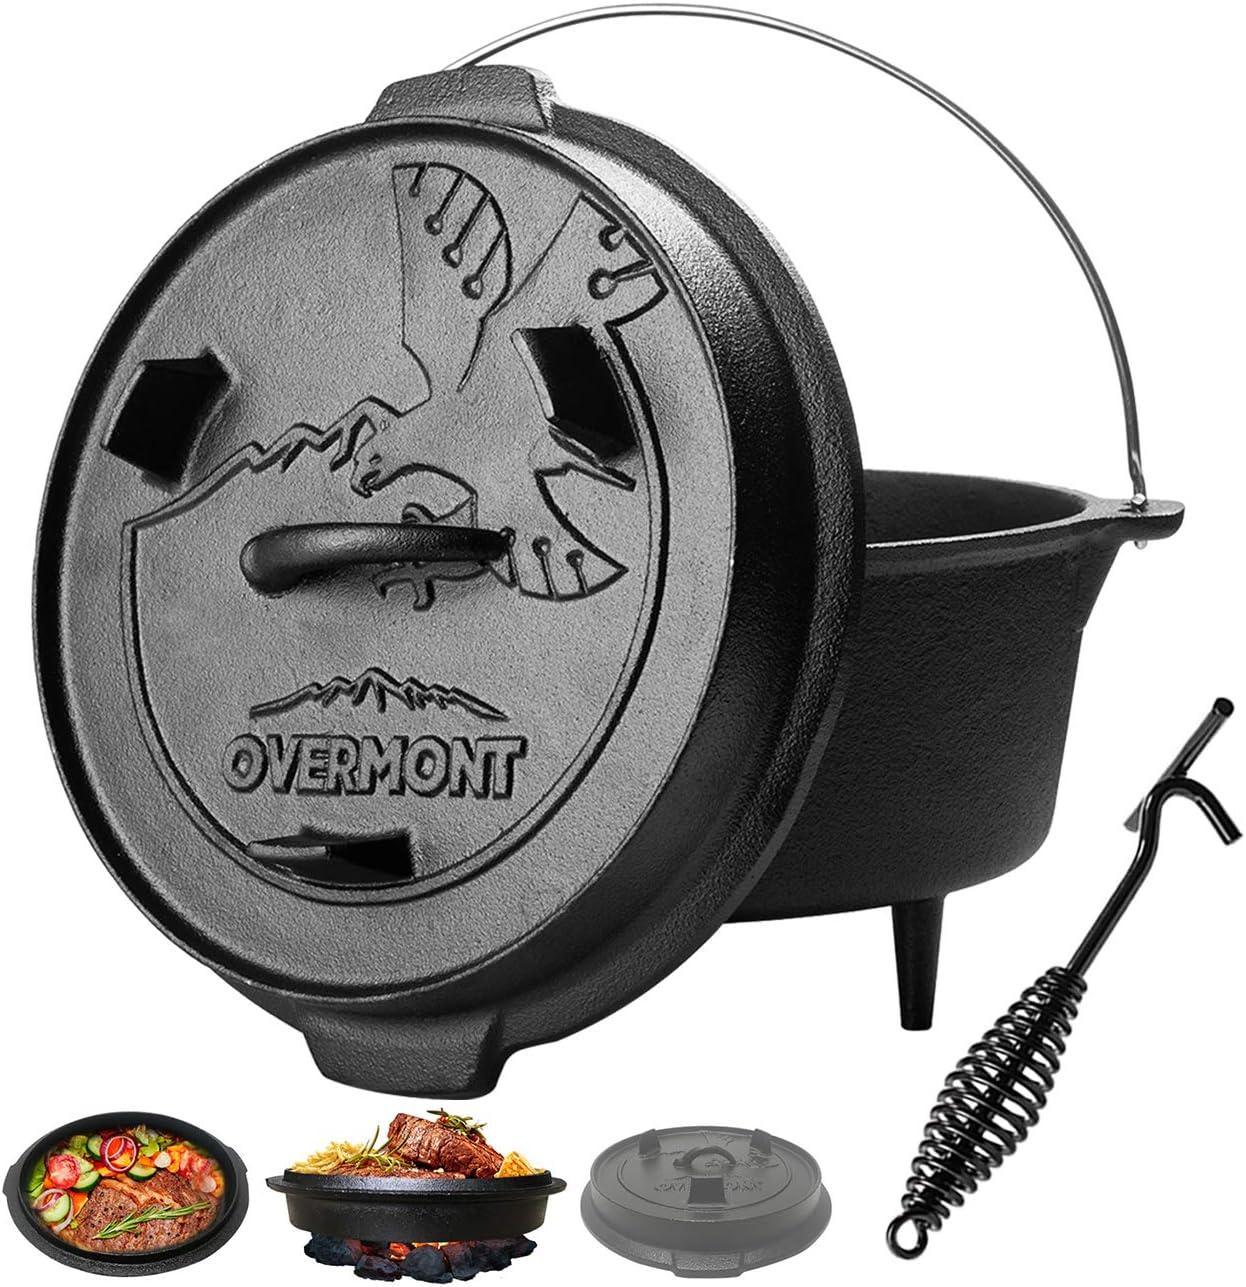 Overmont 5.7L / 6Quart Dutch Oven Olla Horno Holandesa de Hierro Fundido Cazuela con Elevador y Soporte para la Tapa y Las piernas